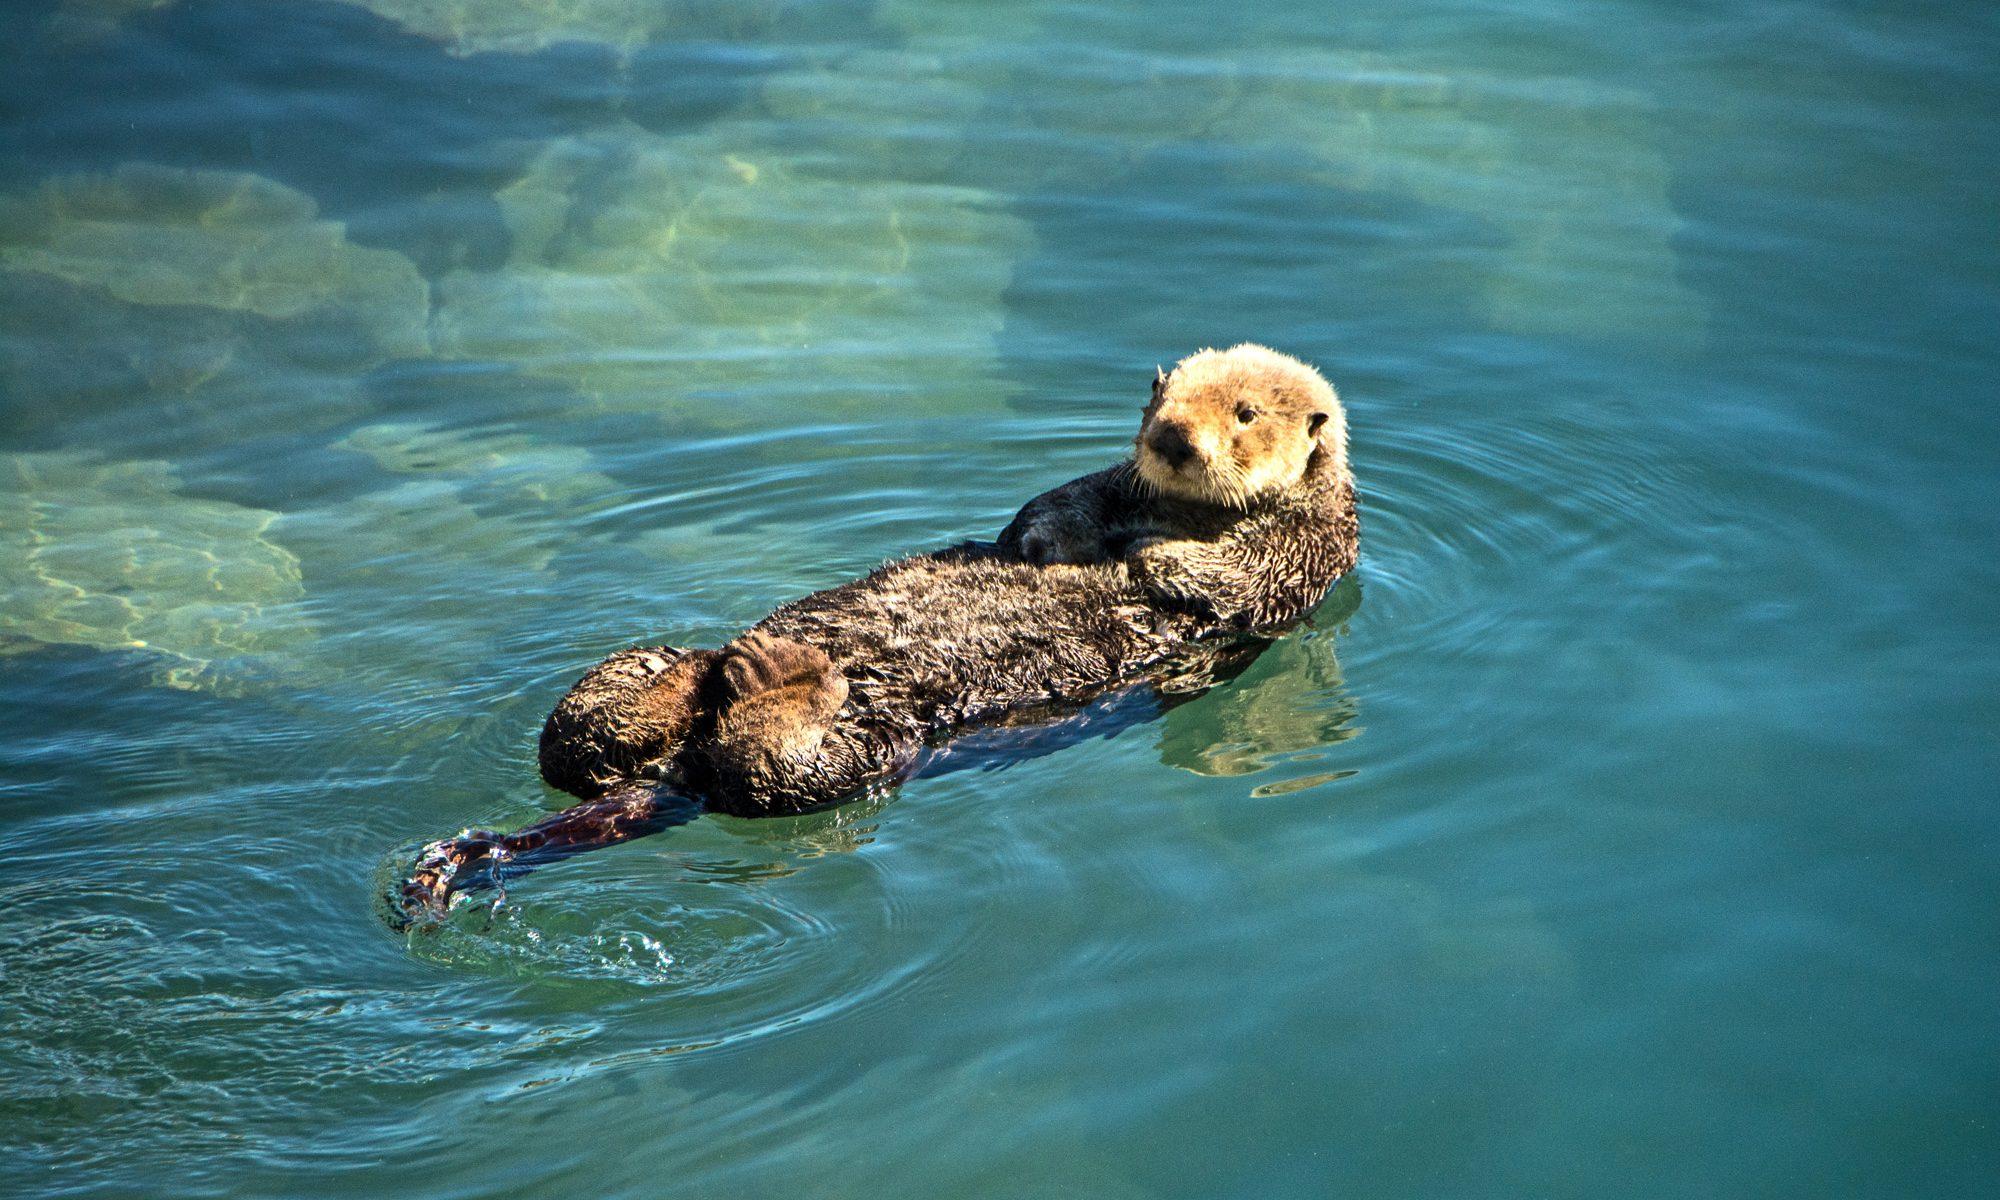 Sea otters swim in the Morro Bay harbor